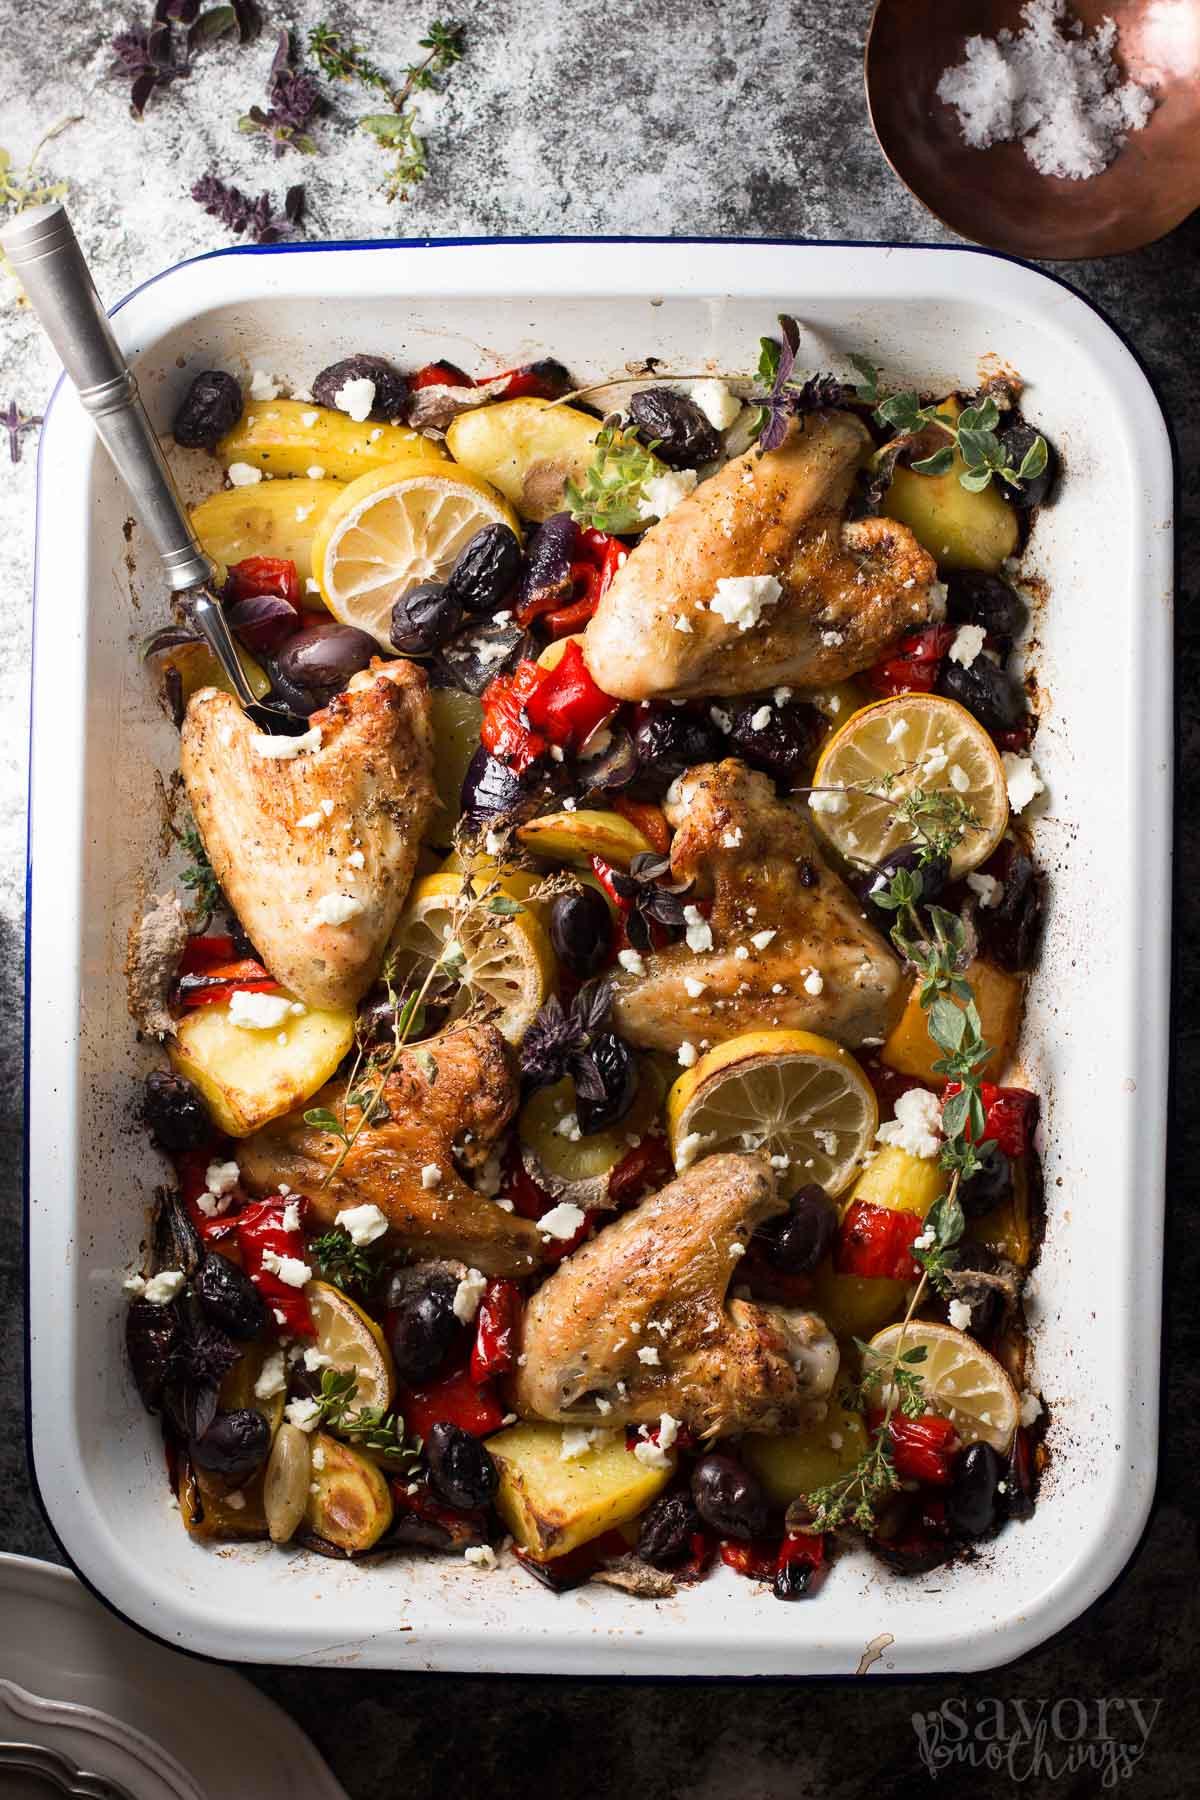 Baked Chicken Recipes For Dinner  Easy Baked Chicken Dinner Greek Lemon Chicken with Veggies